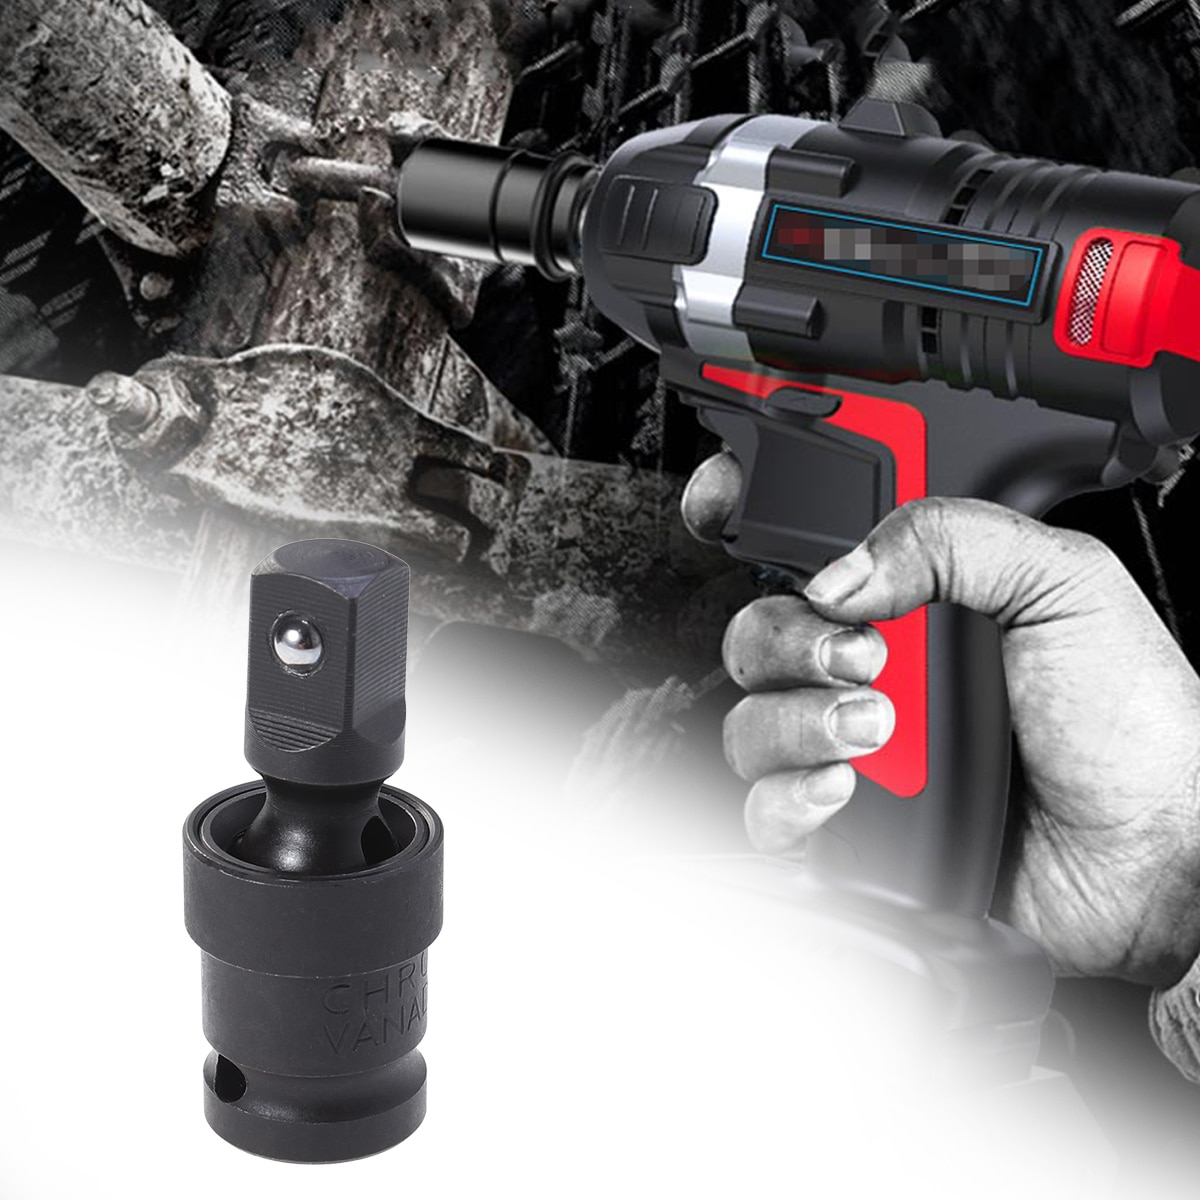 1pc 1/2 Polegada chave de soquete conector premium rustproof estável durável ferramenta chave soquete aço para garagem carro industrial fix